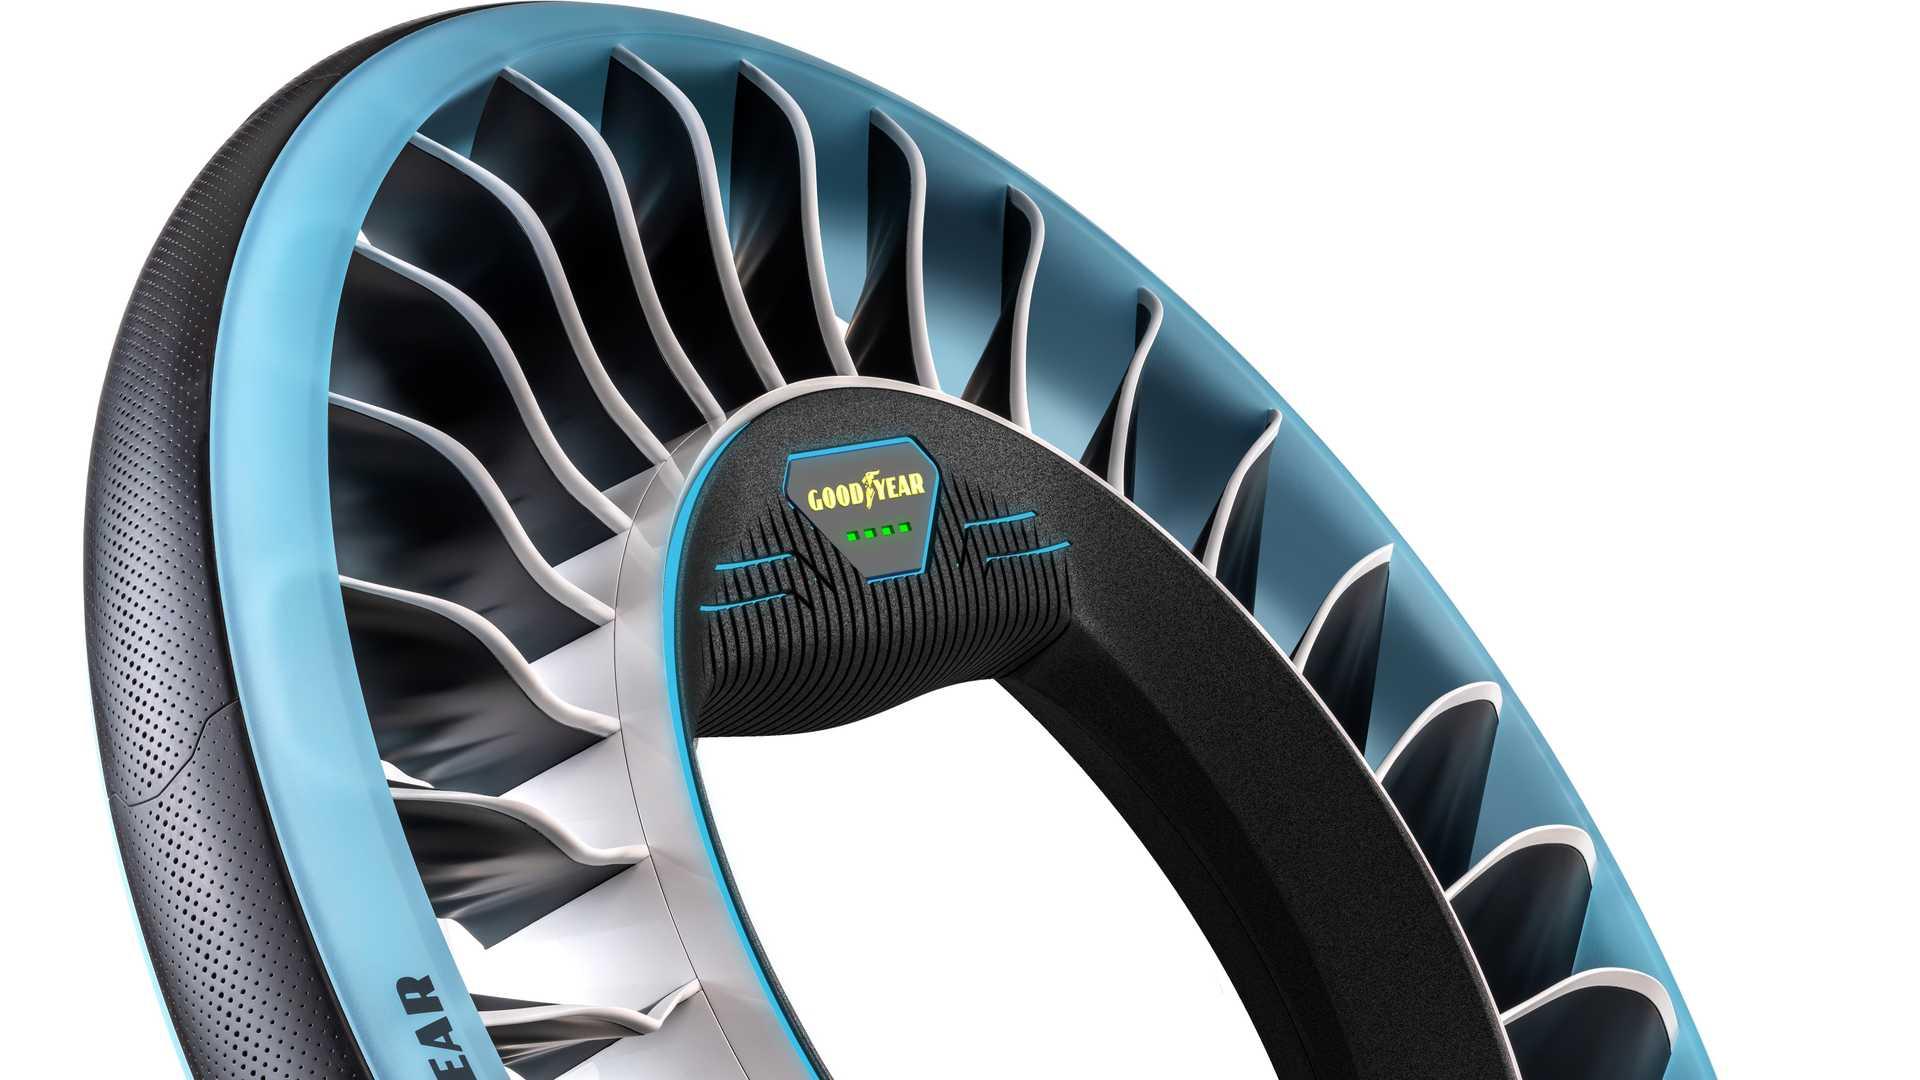 空中飞行推进器 固特异发布AERO概念轮胎